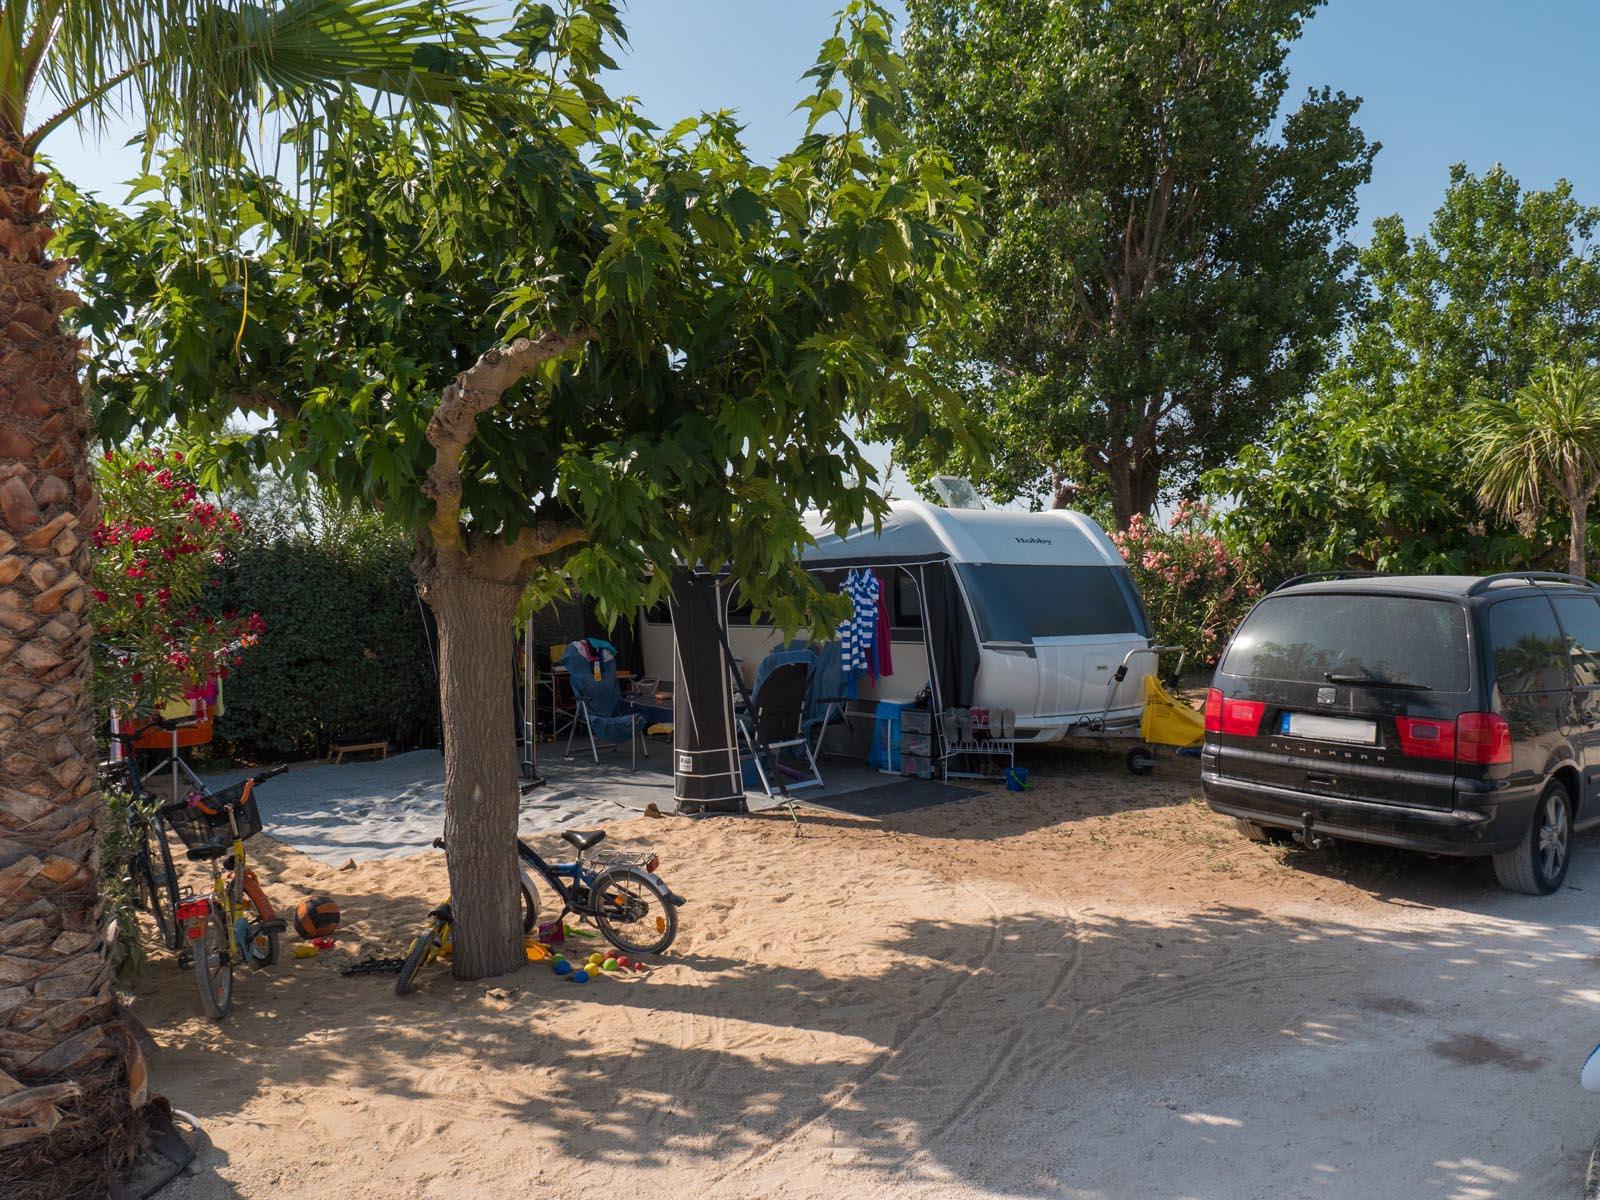 Voiture et caravane sur emplacement